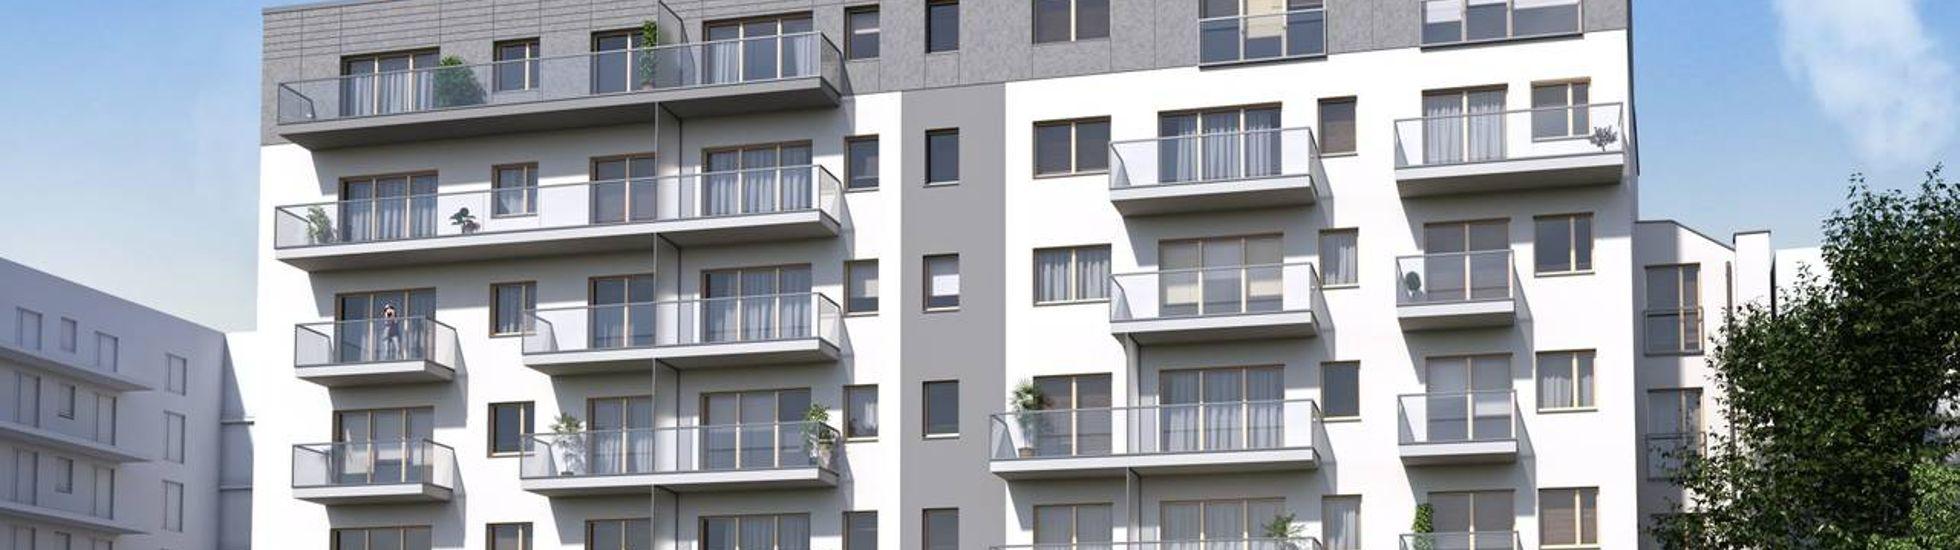 Poznań: Niedziałkowskiego 25 – przybywa mieszkań na granicy Wildy i Starego Miasta